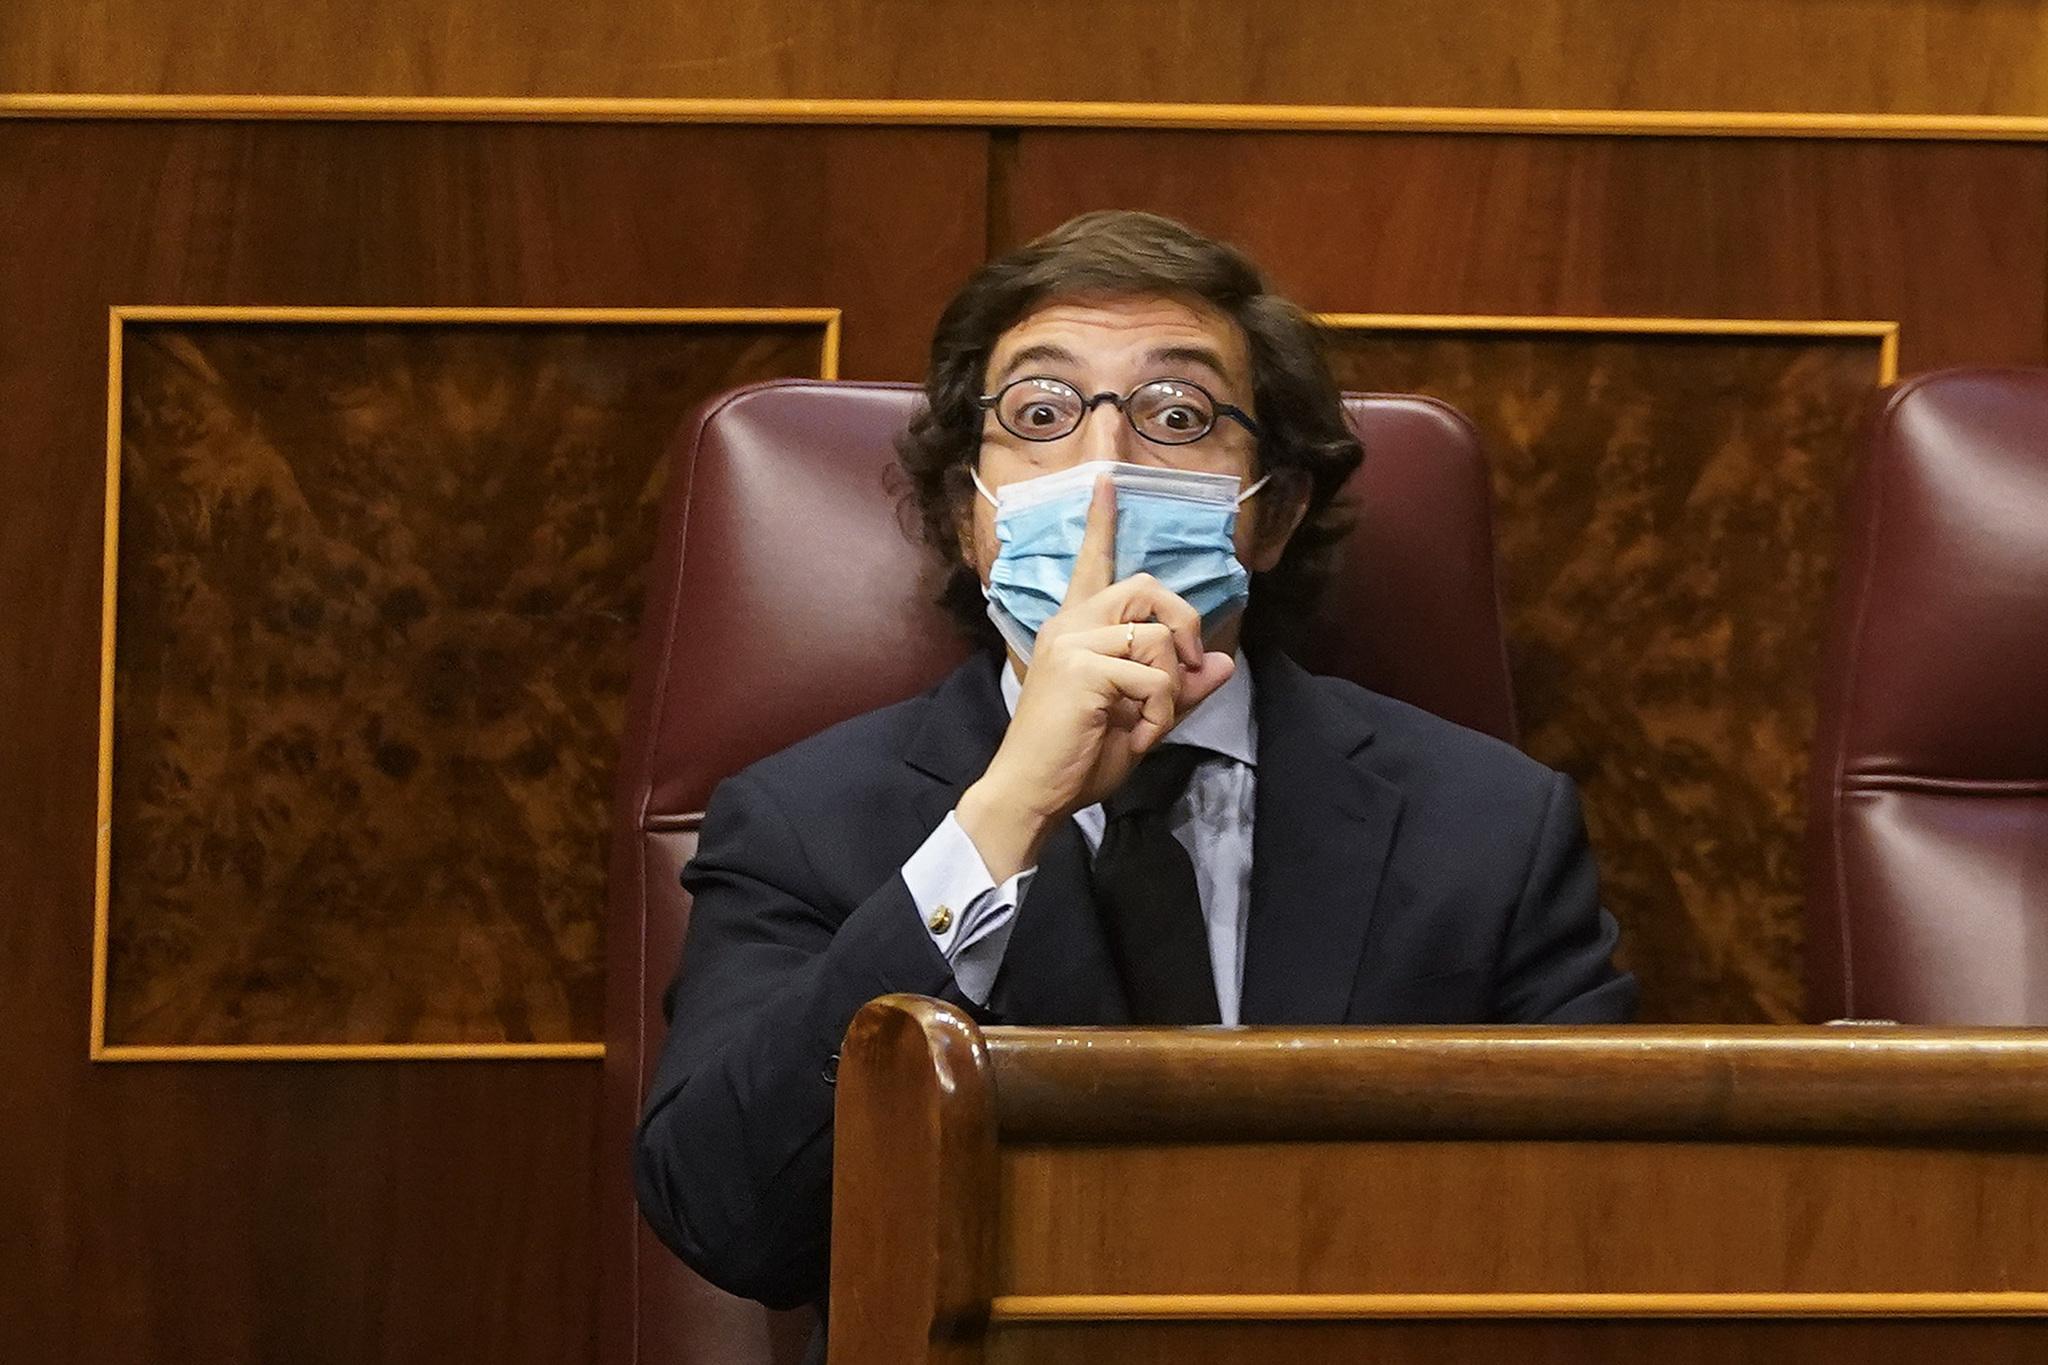 El diputado de Vox por Asturias José María Figaredo gesticula durante el debate.